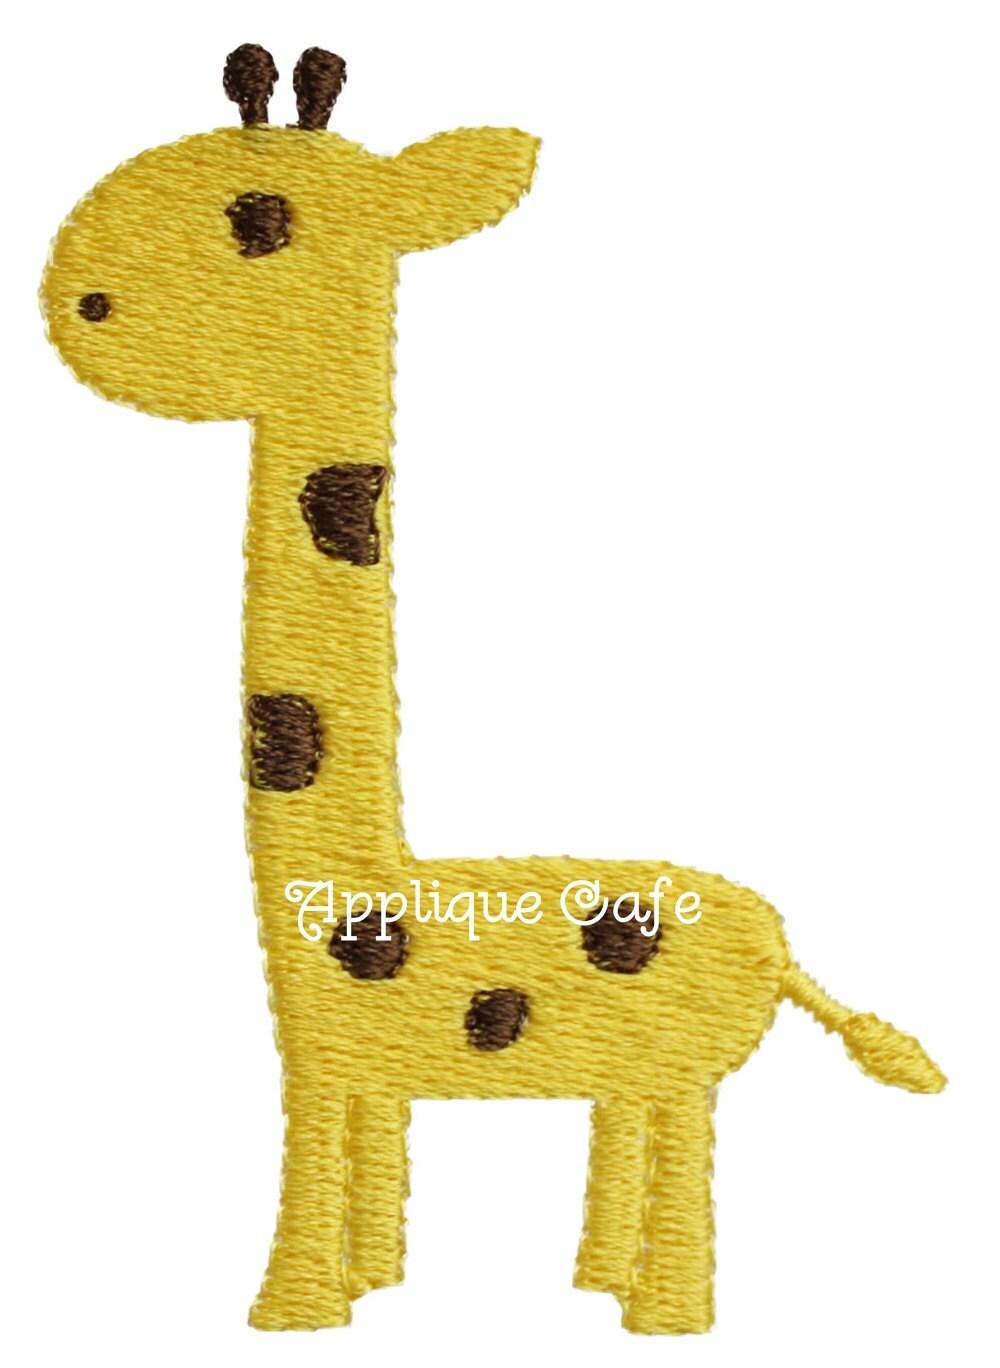 617 Mini Embroidery Giraffe Machine Embroidery Design